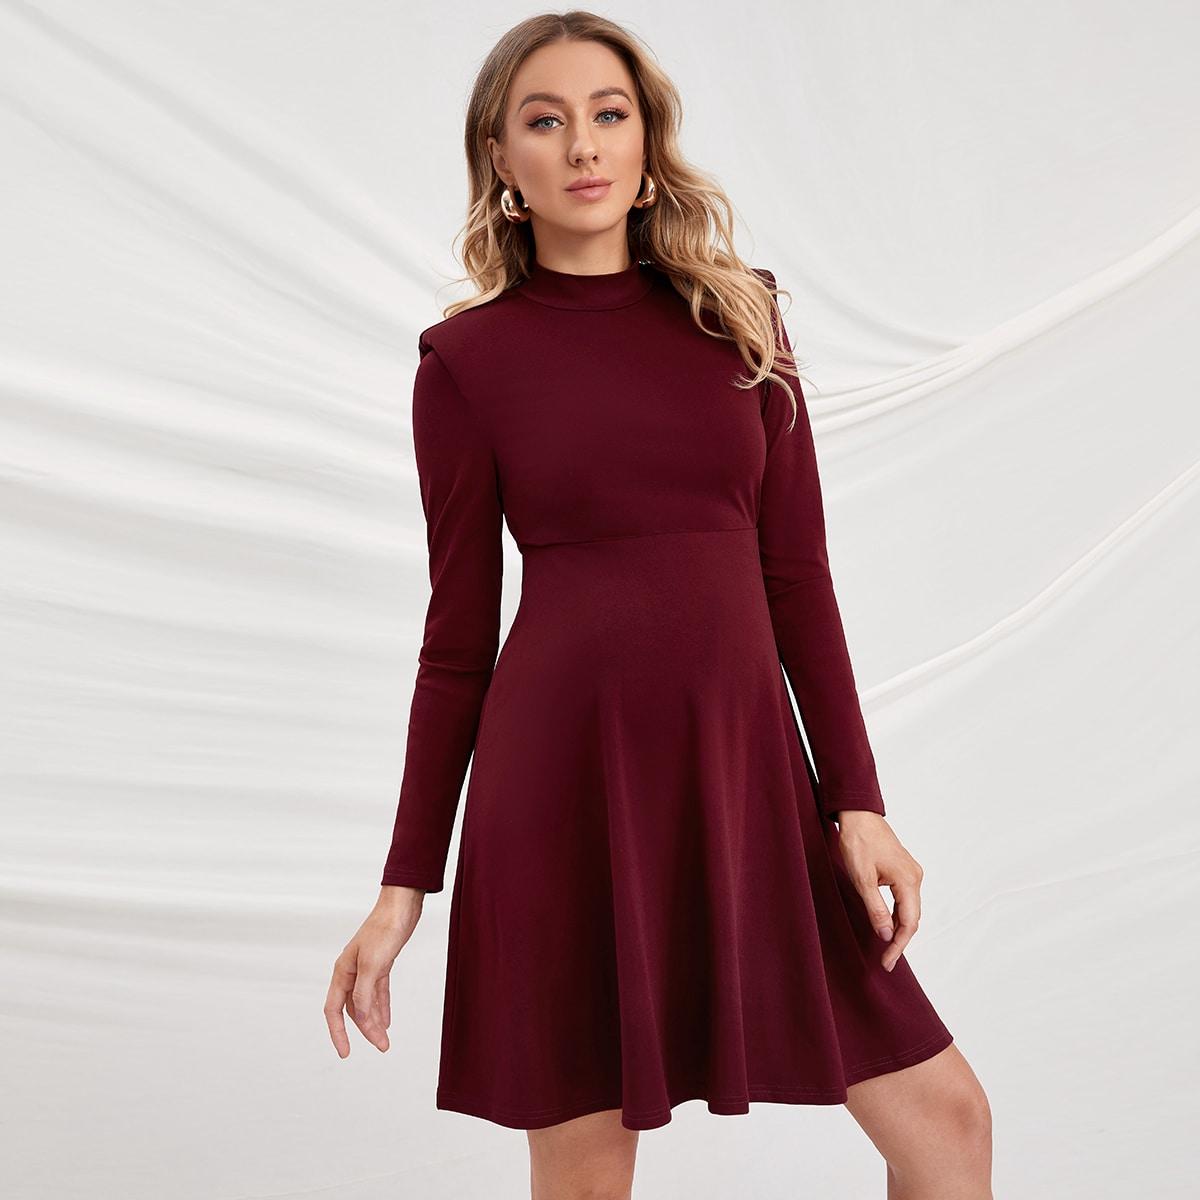 Одноцветный Элегантный Платья для беременных от SHEIN